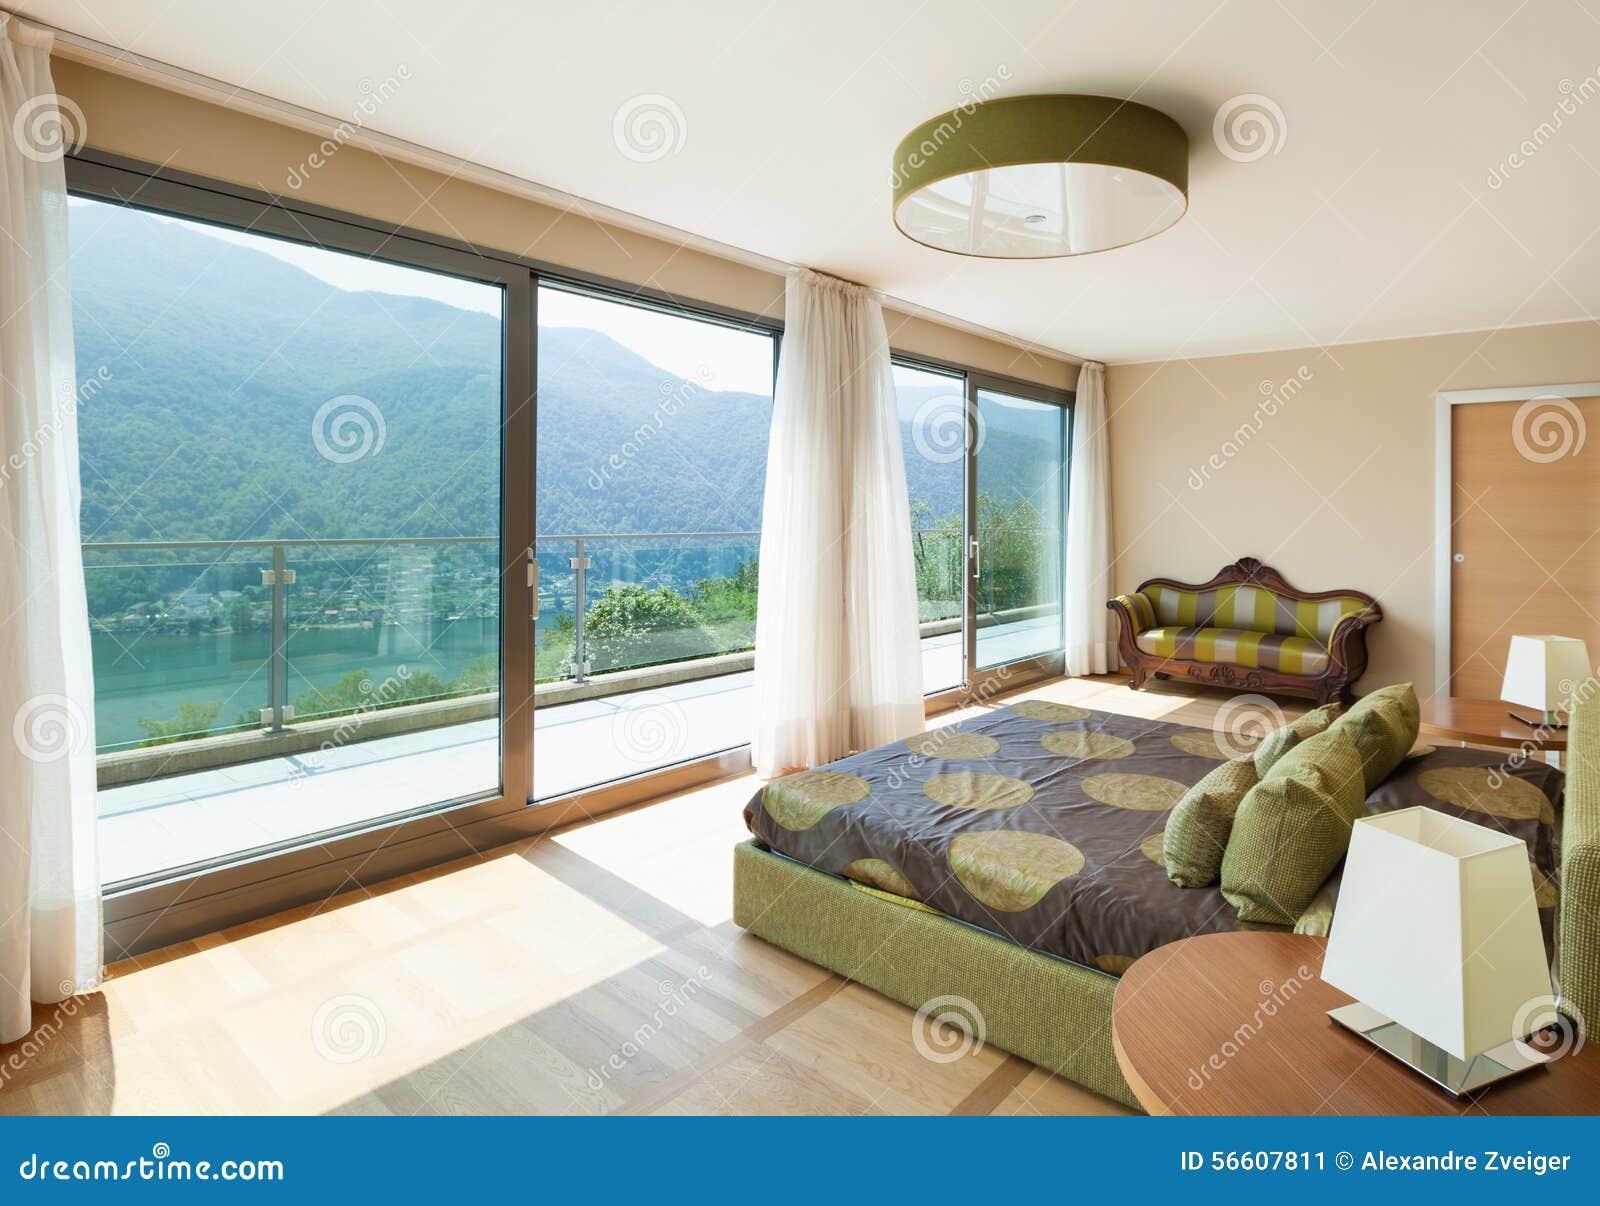 Поставленная квартира, спальня